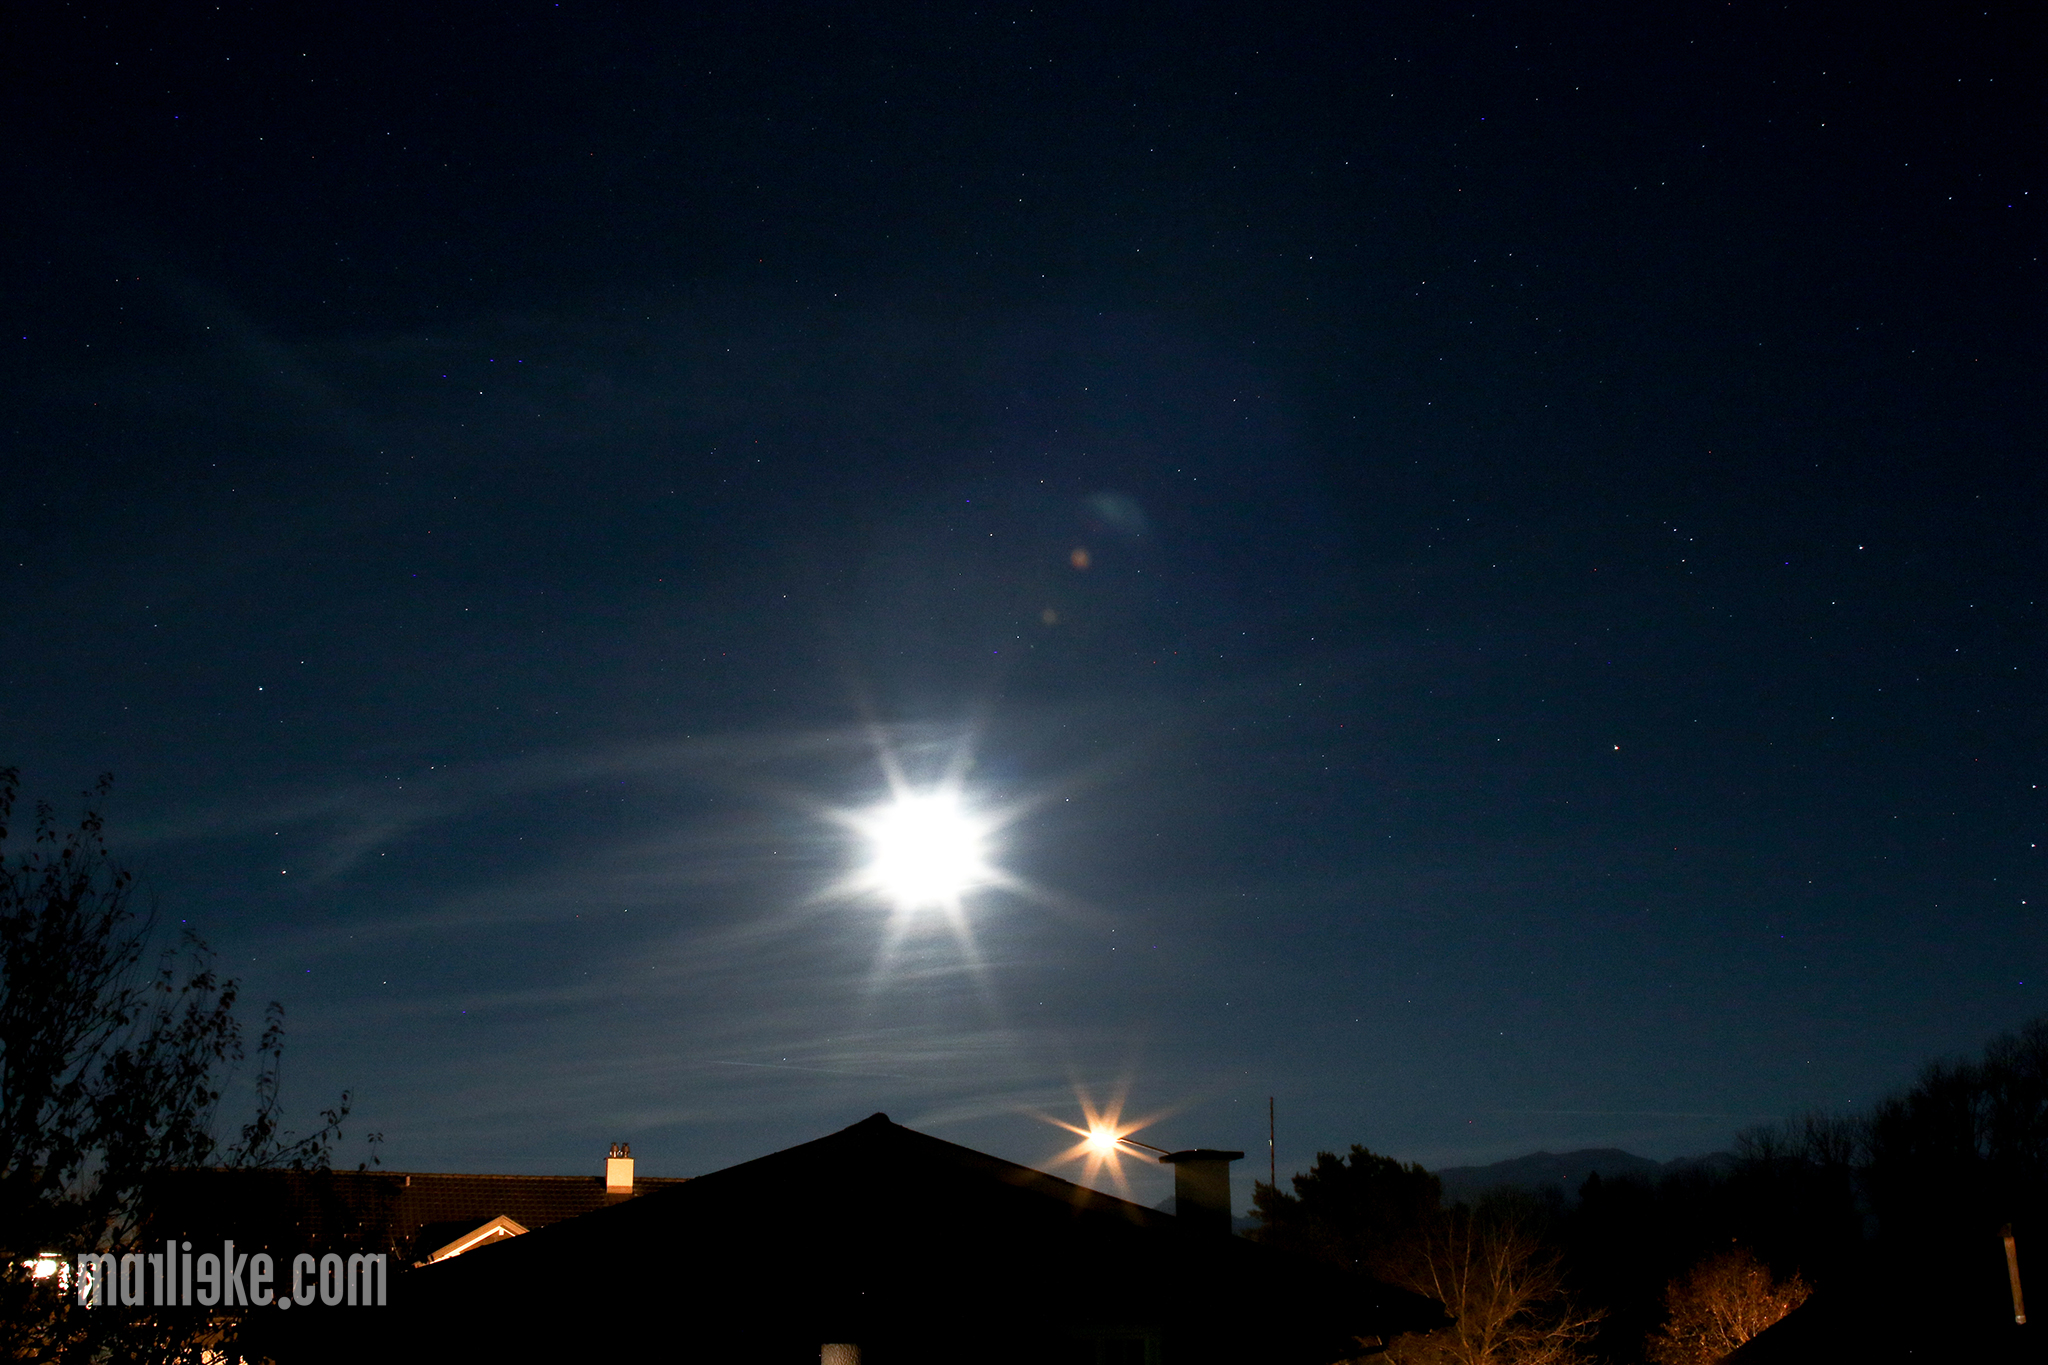 Donderdagavond nam ik deze foto van ons balkon. Hoeveel sterren tel jij?